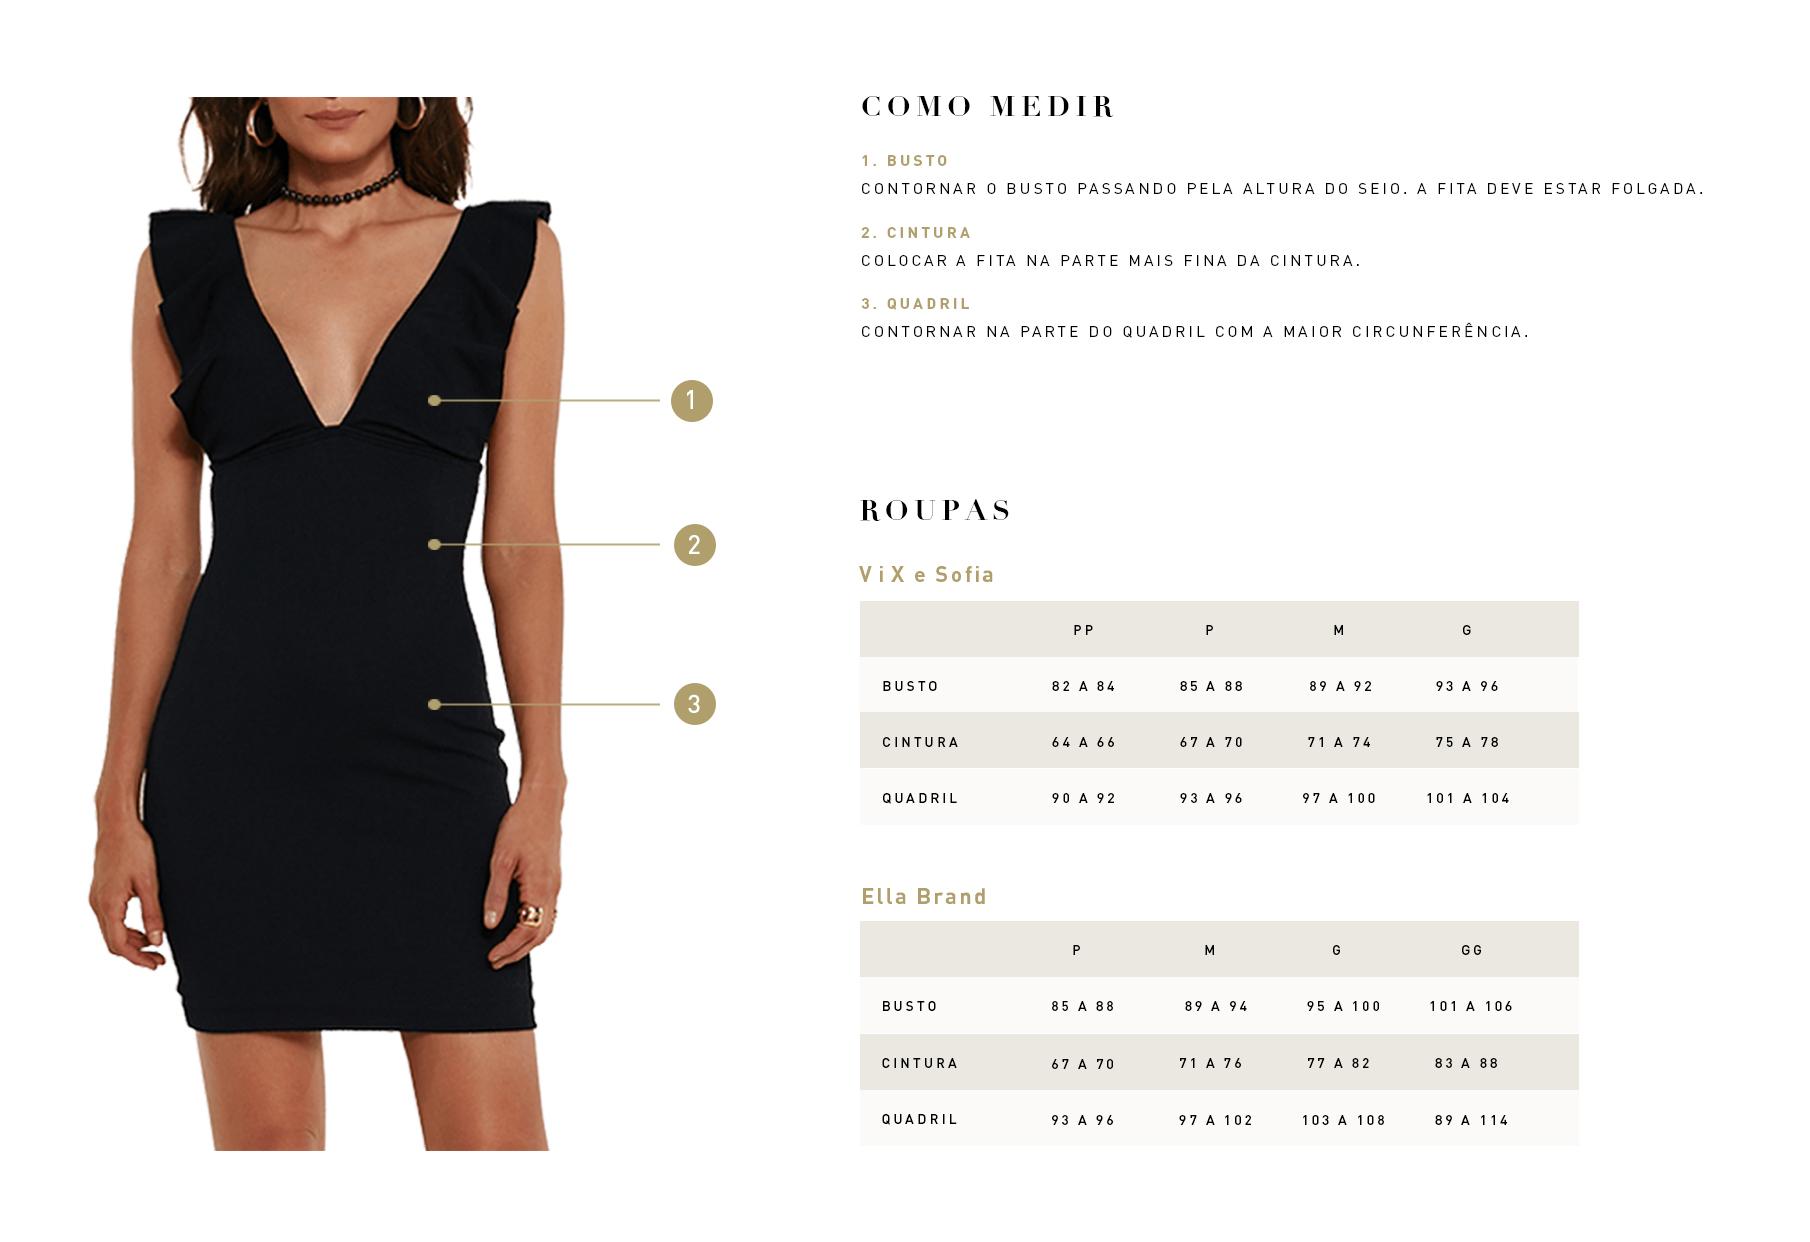 tabela-de-medida-categoria-sale-roupa-ella